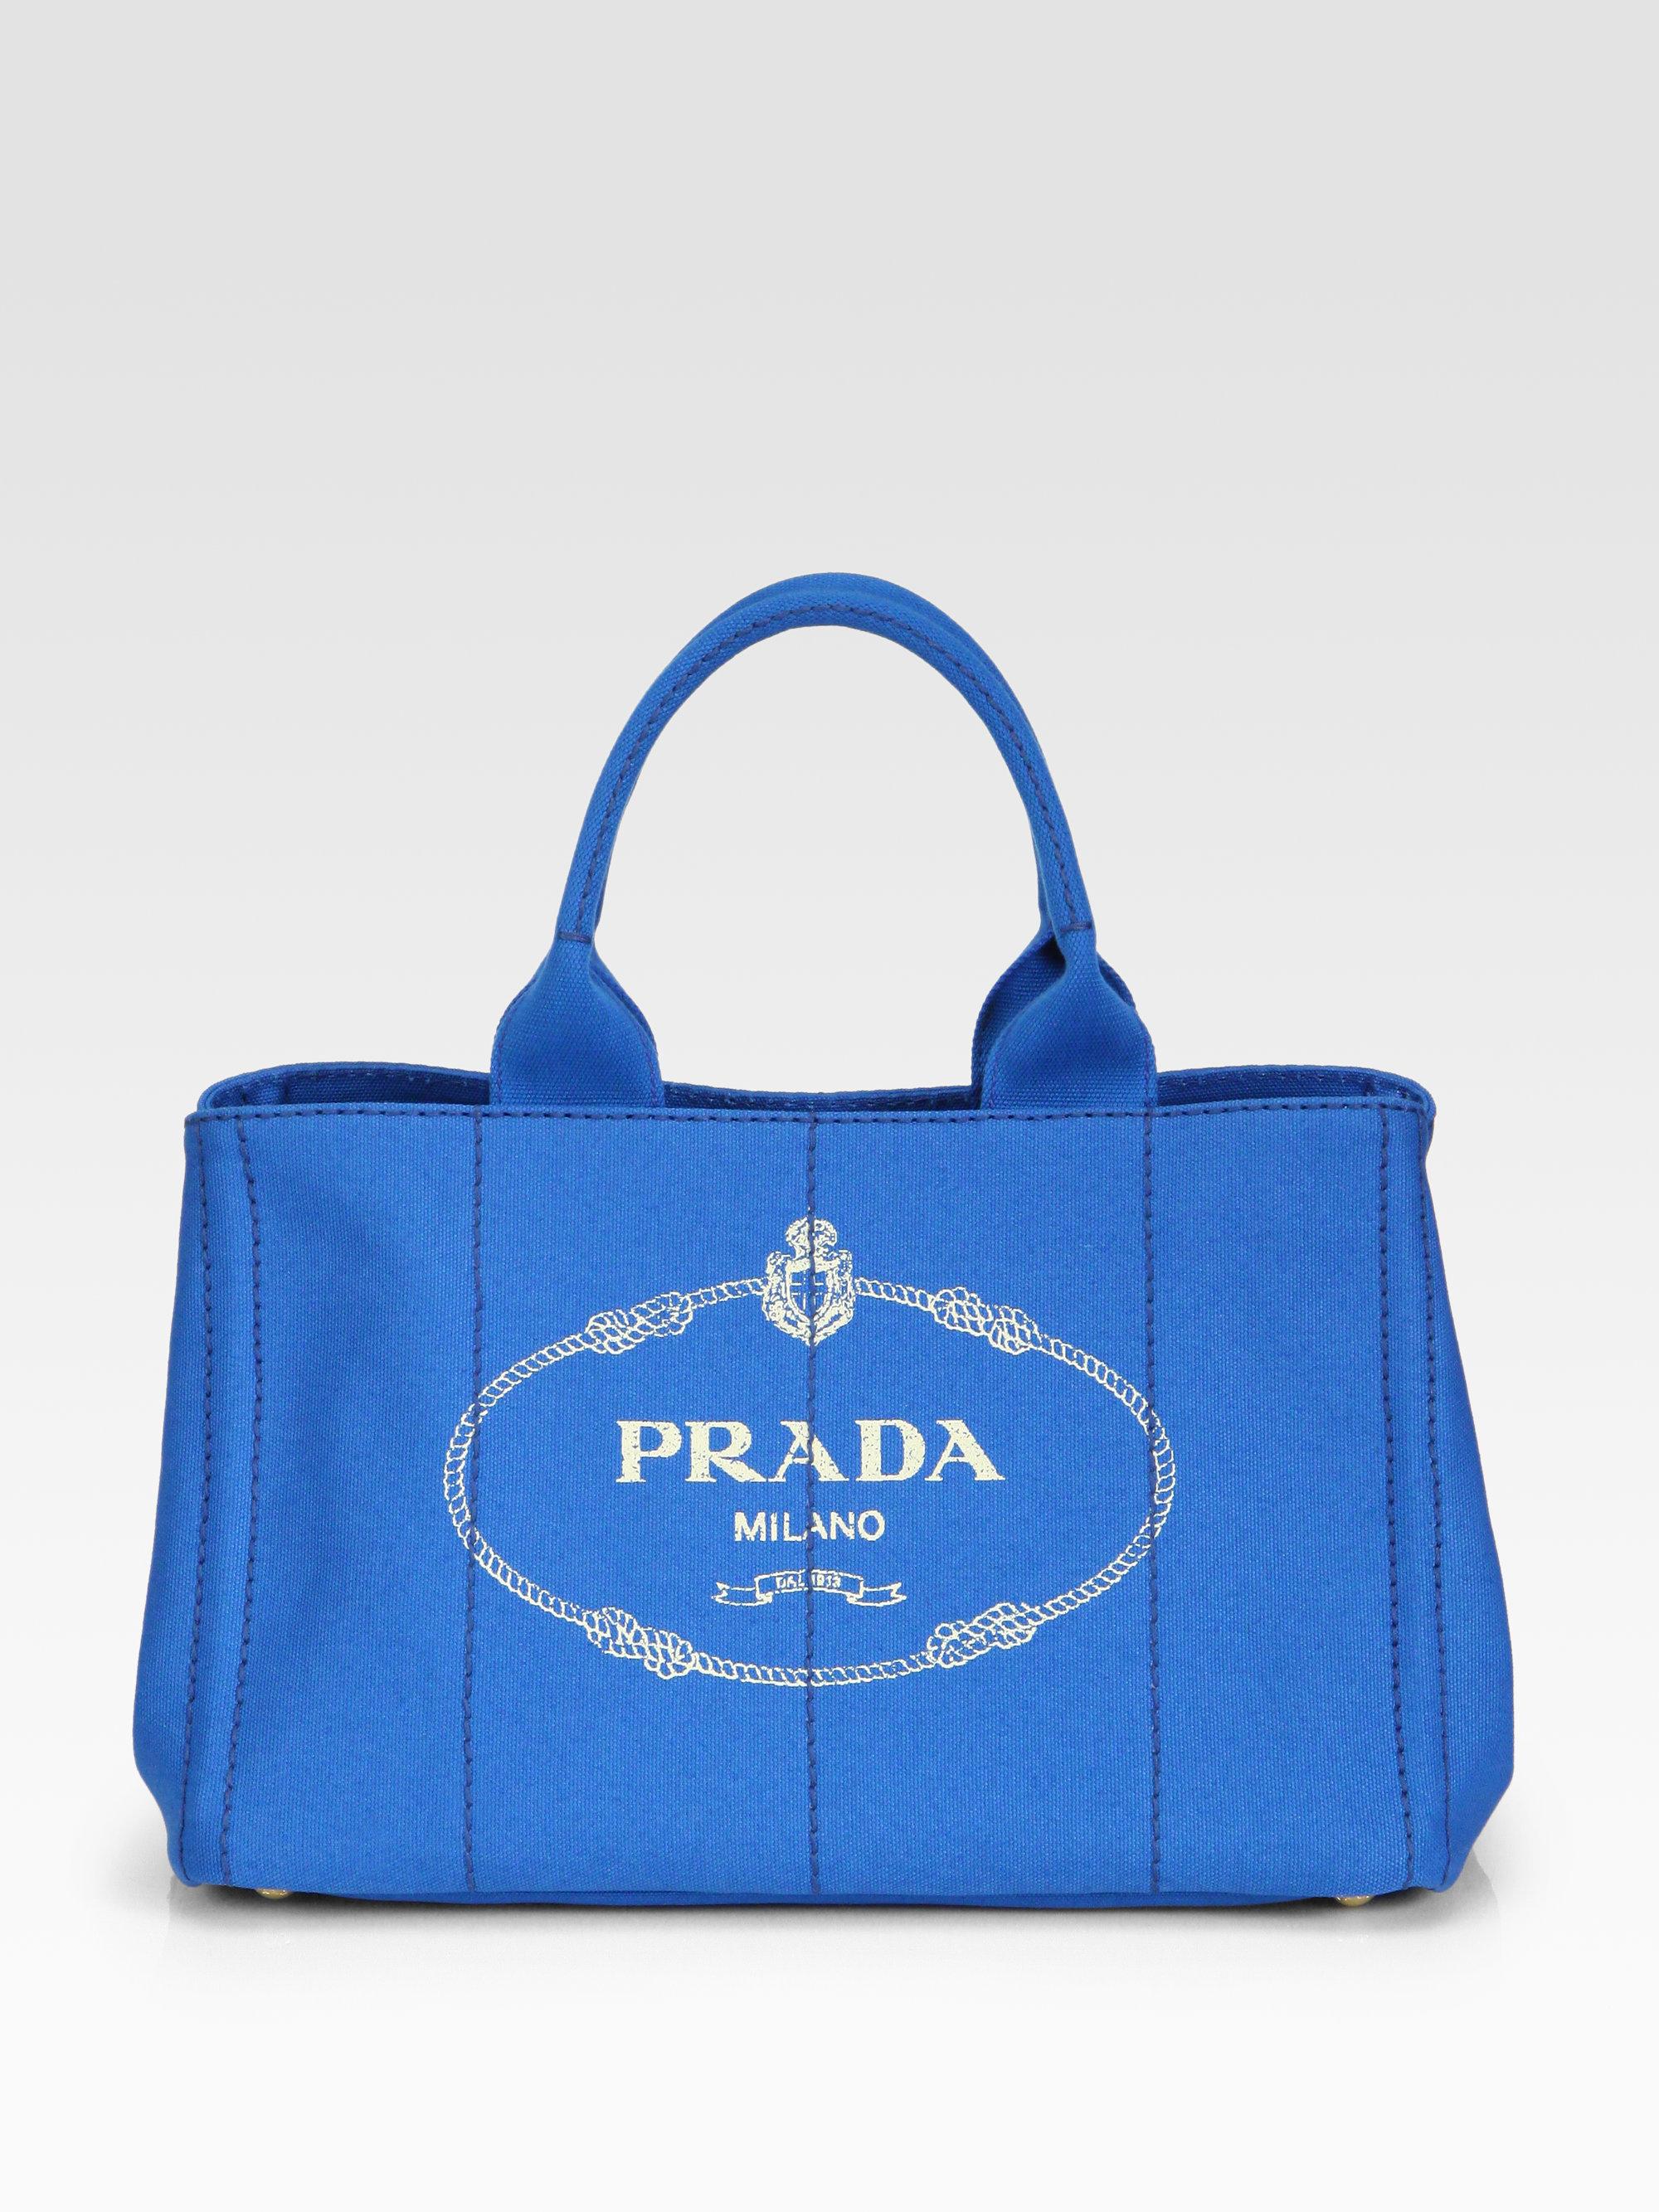 prada wallet blue - Prada Canvas Logo Print Tote in Blue (azzurro-blue) | Lyst